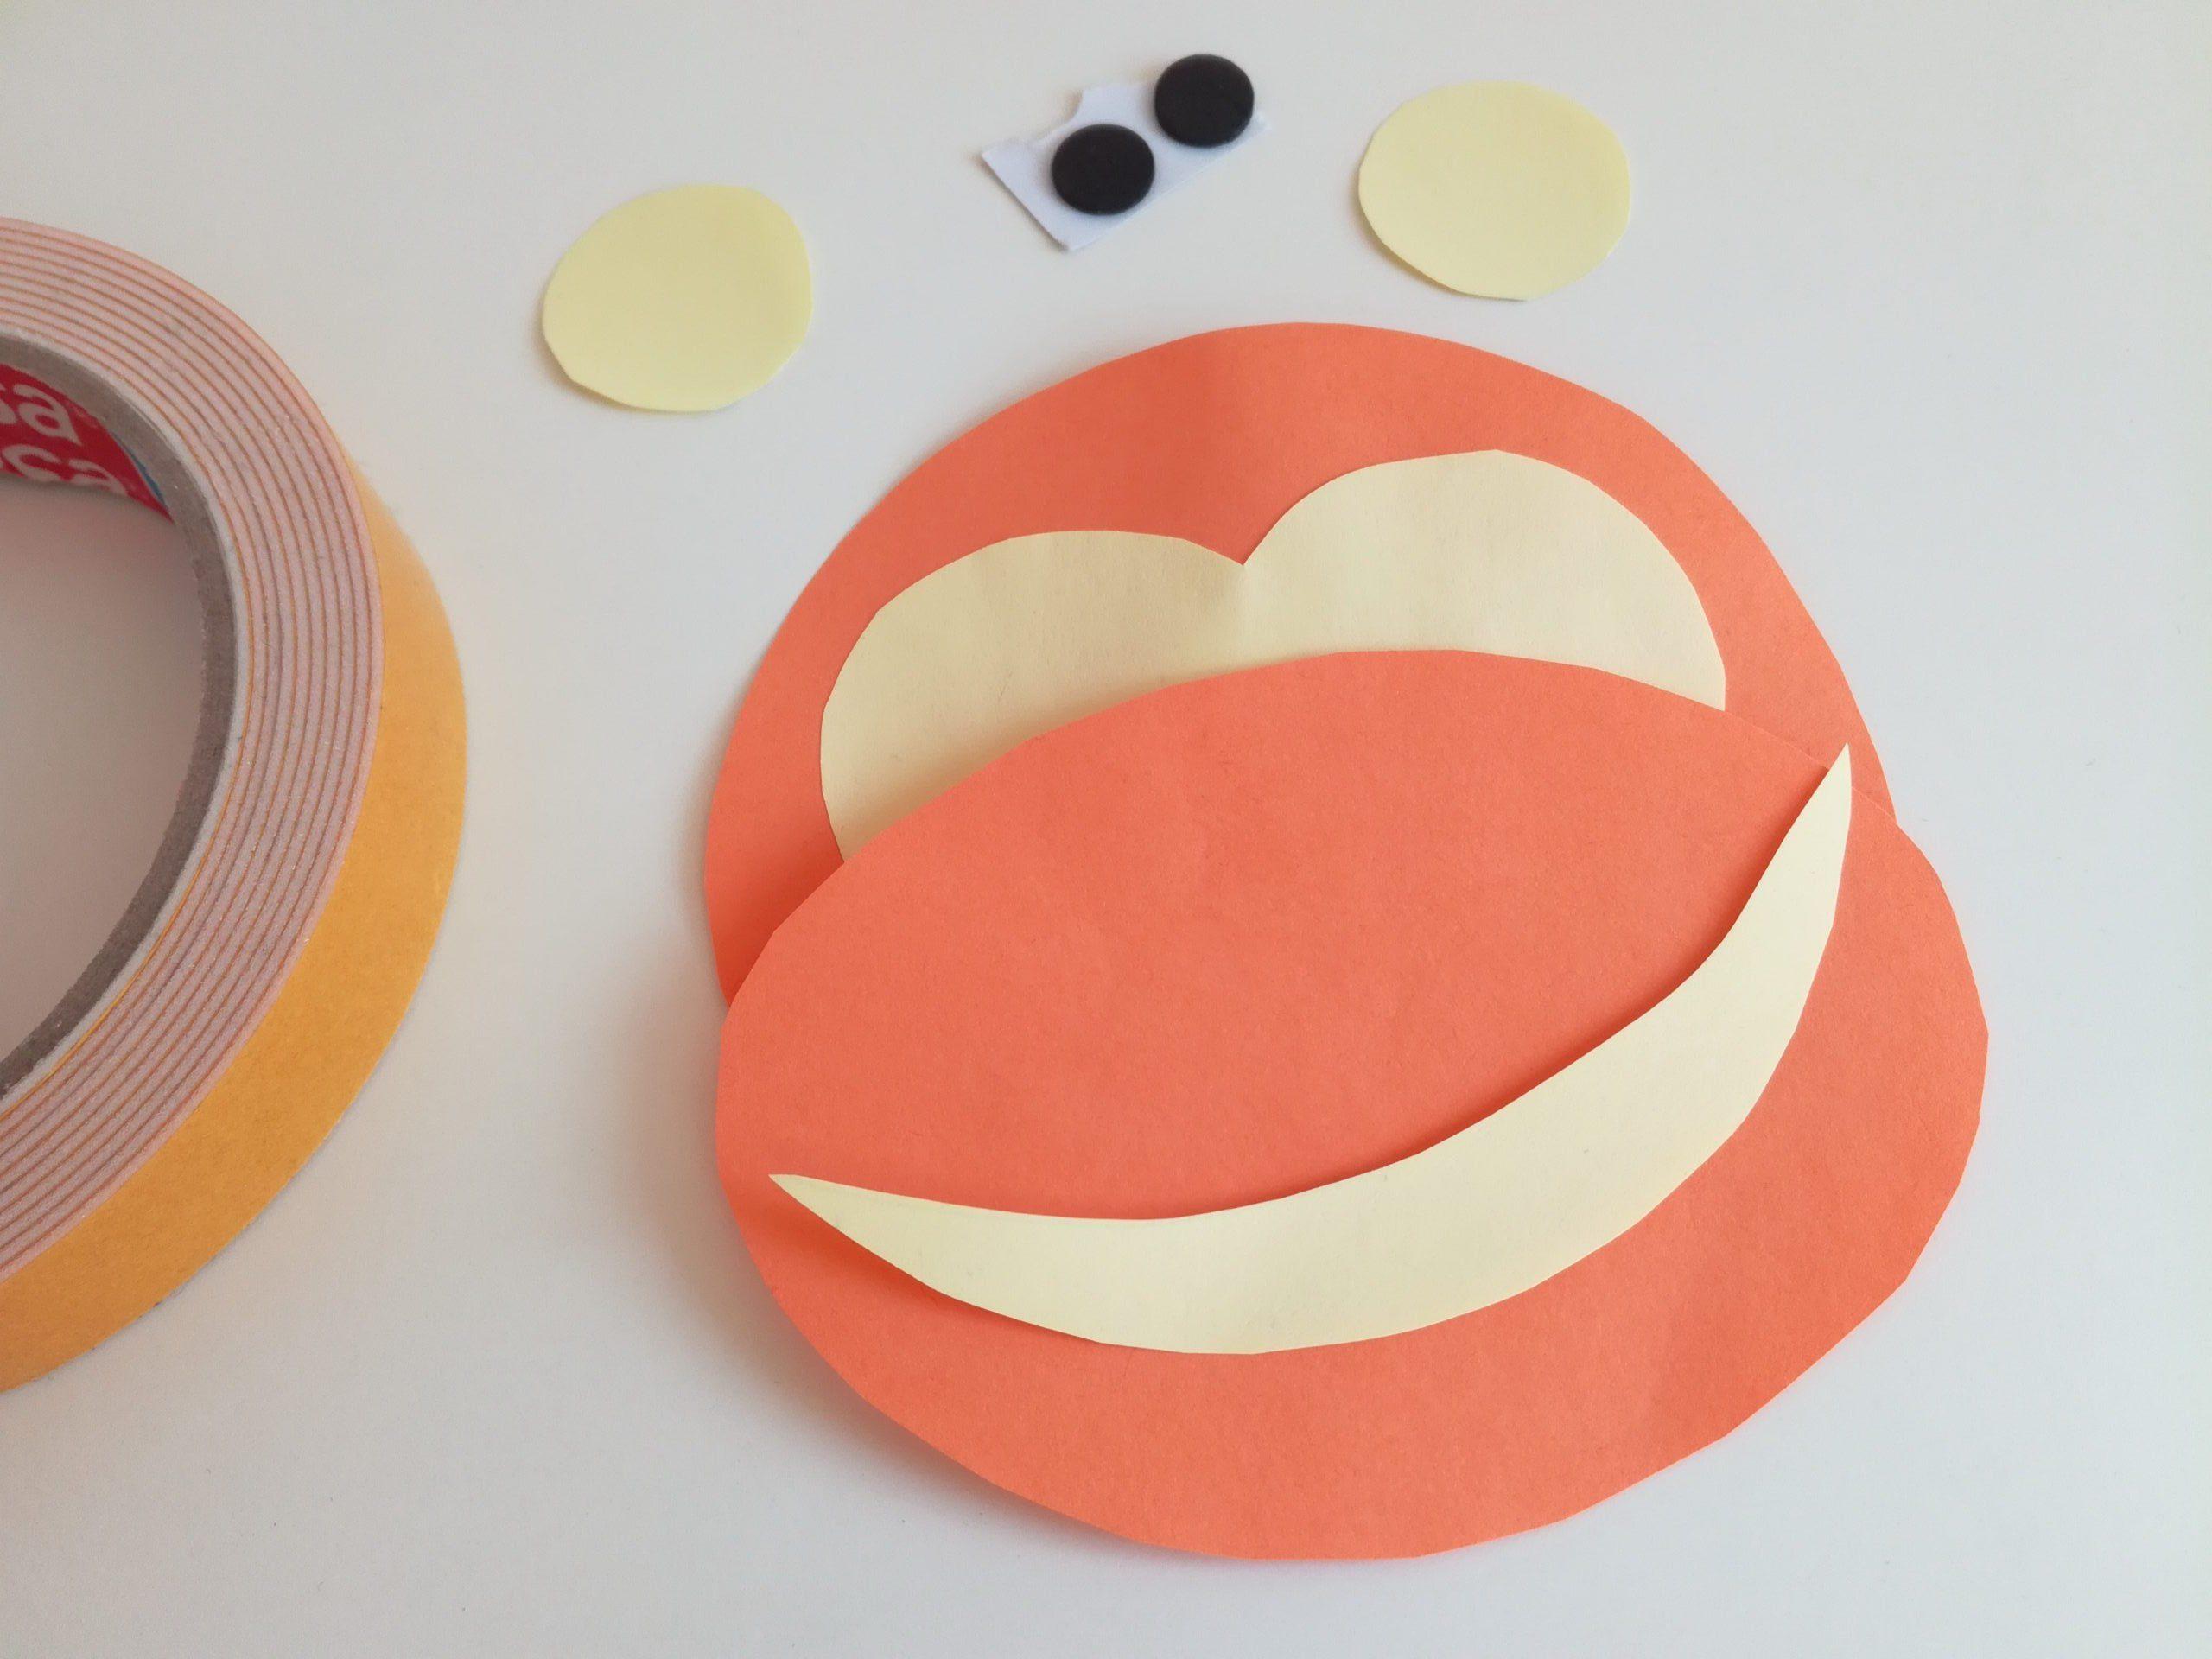 Jak zrobić małpkę z papieru łatwa zabawa plastyczna